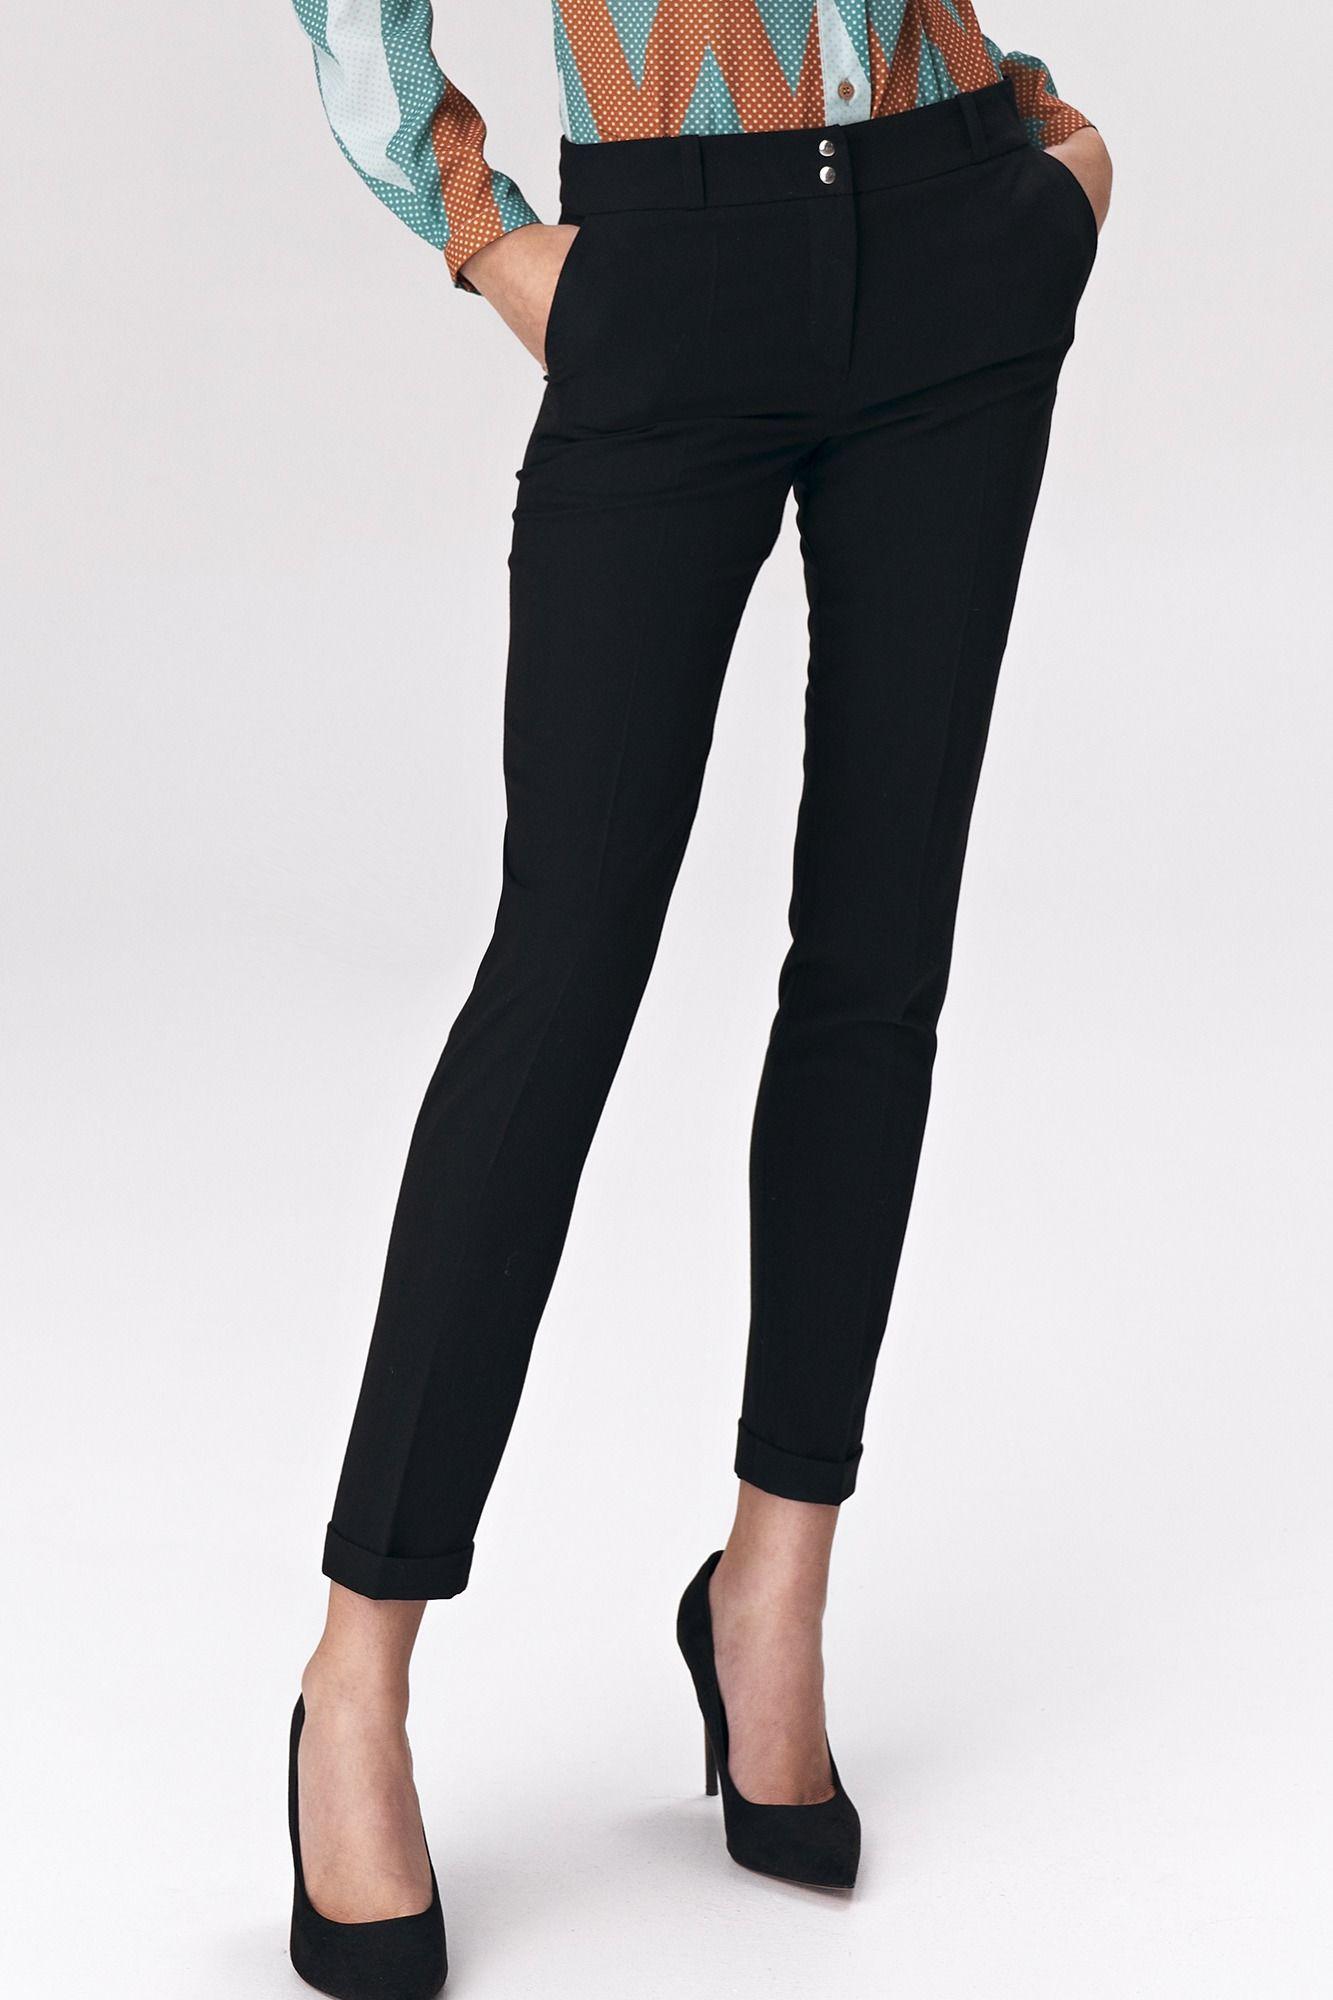 Czarne stylowe spodnie w kant zapinane na napy